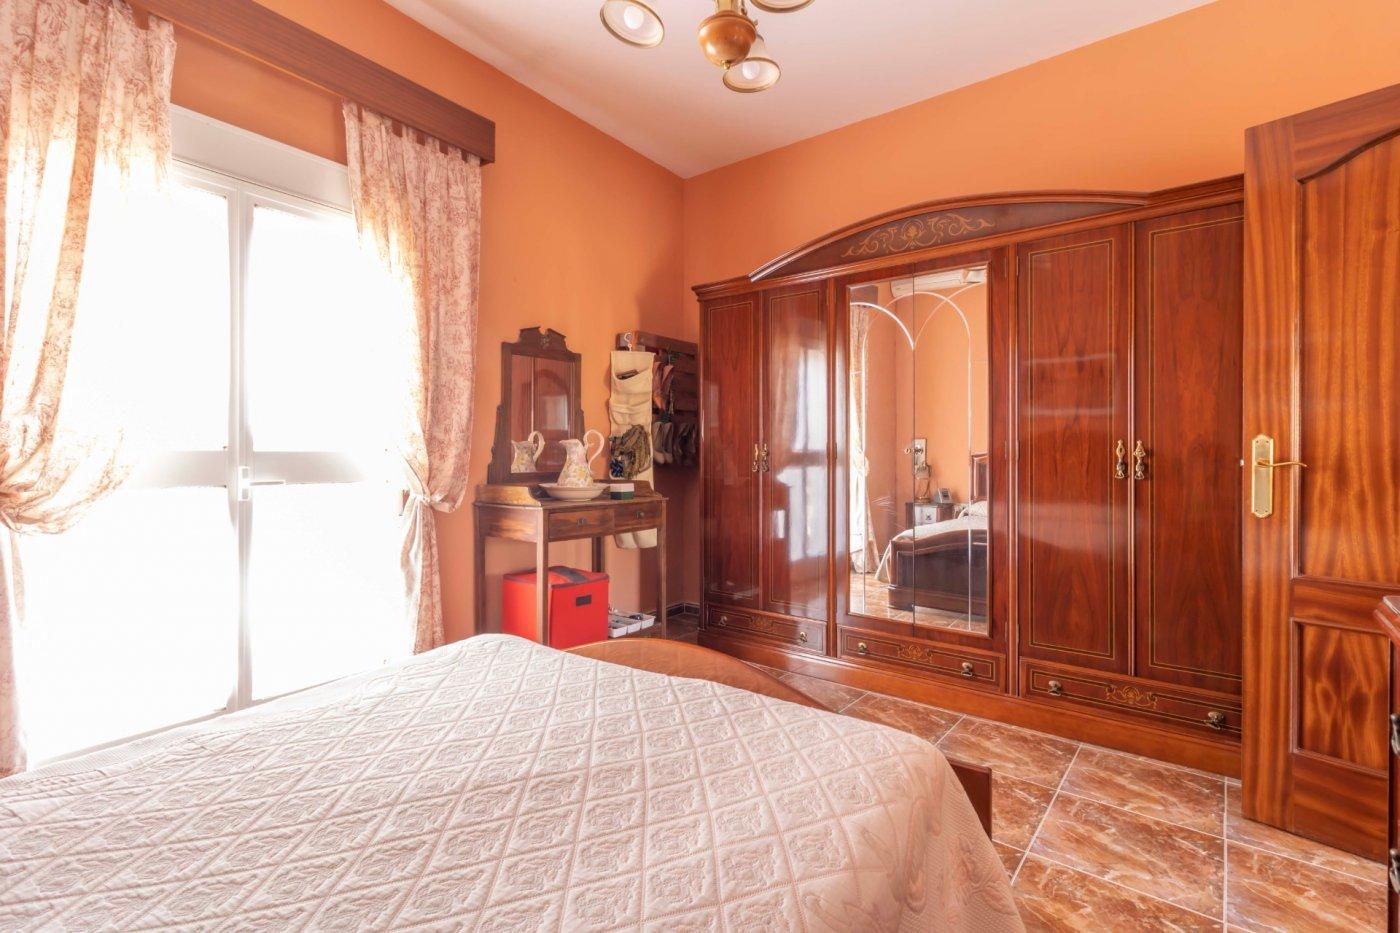 Casa a la venta en salteras - imagenInmueble30